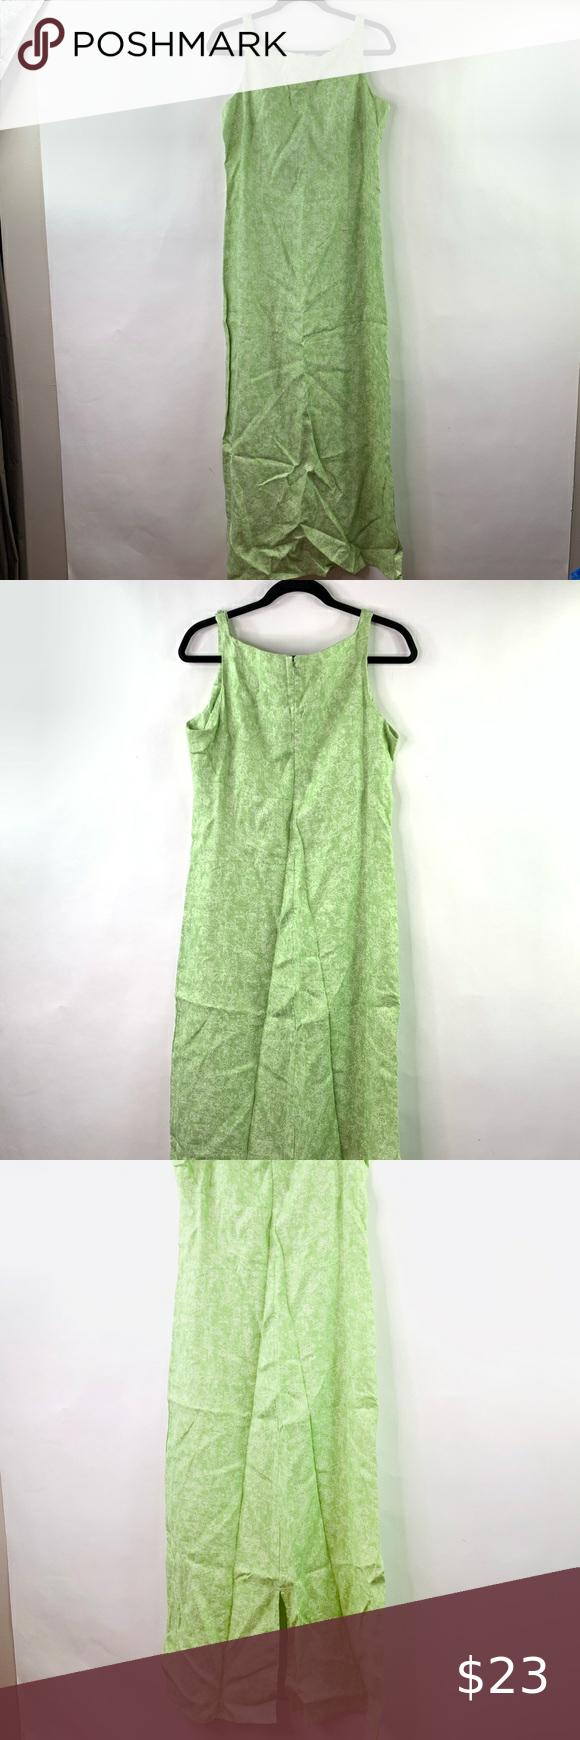 Gap 12 Linen Maxi Dress Green Floral Spring L Nwt Linen Maxi Dress Maxi Dress Green Green Dress [ 1740 x 580 Pixel ]